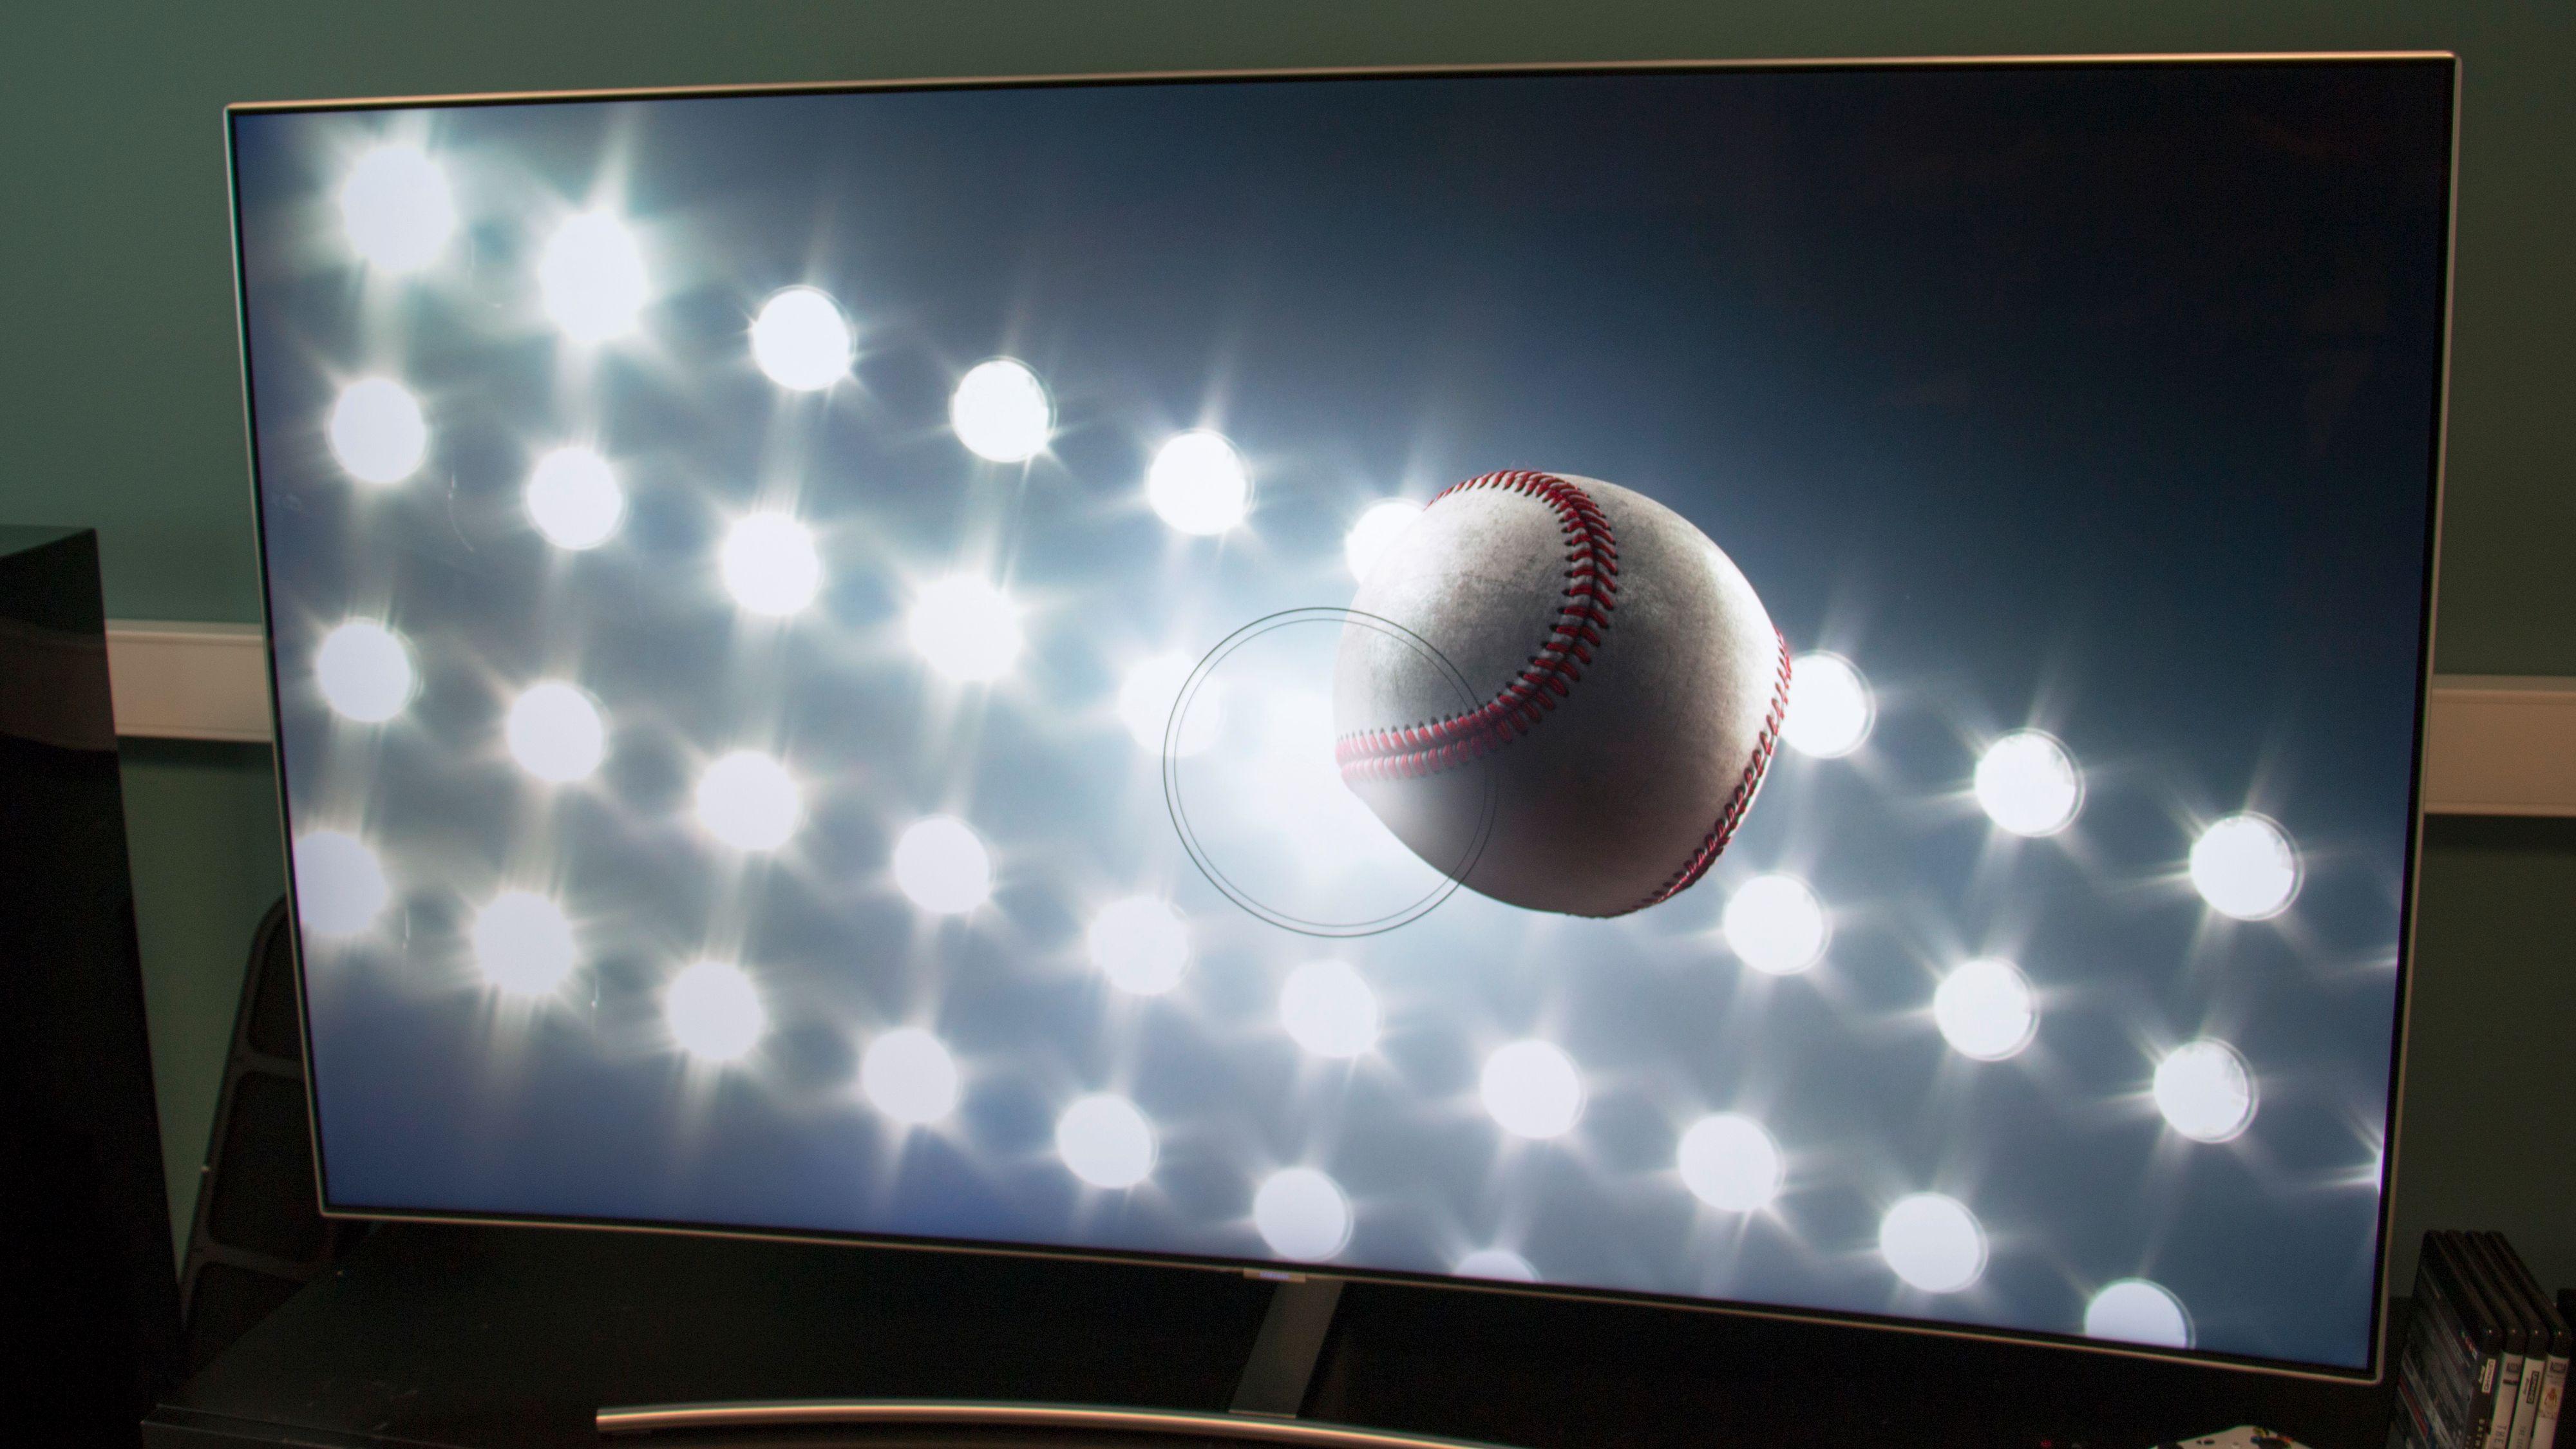 Samsung Q8 har kraftig lysstyrke, og er meget bra på bevegelse. Samtidig er den også vel egnet til å spille på takket være lav inputlag.